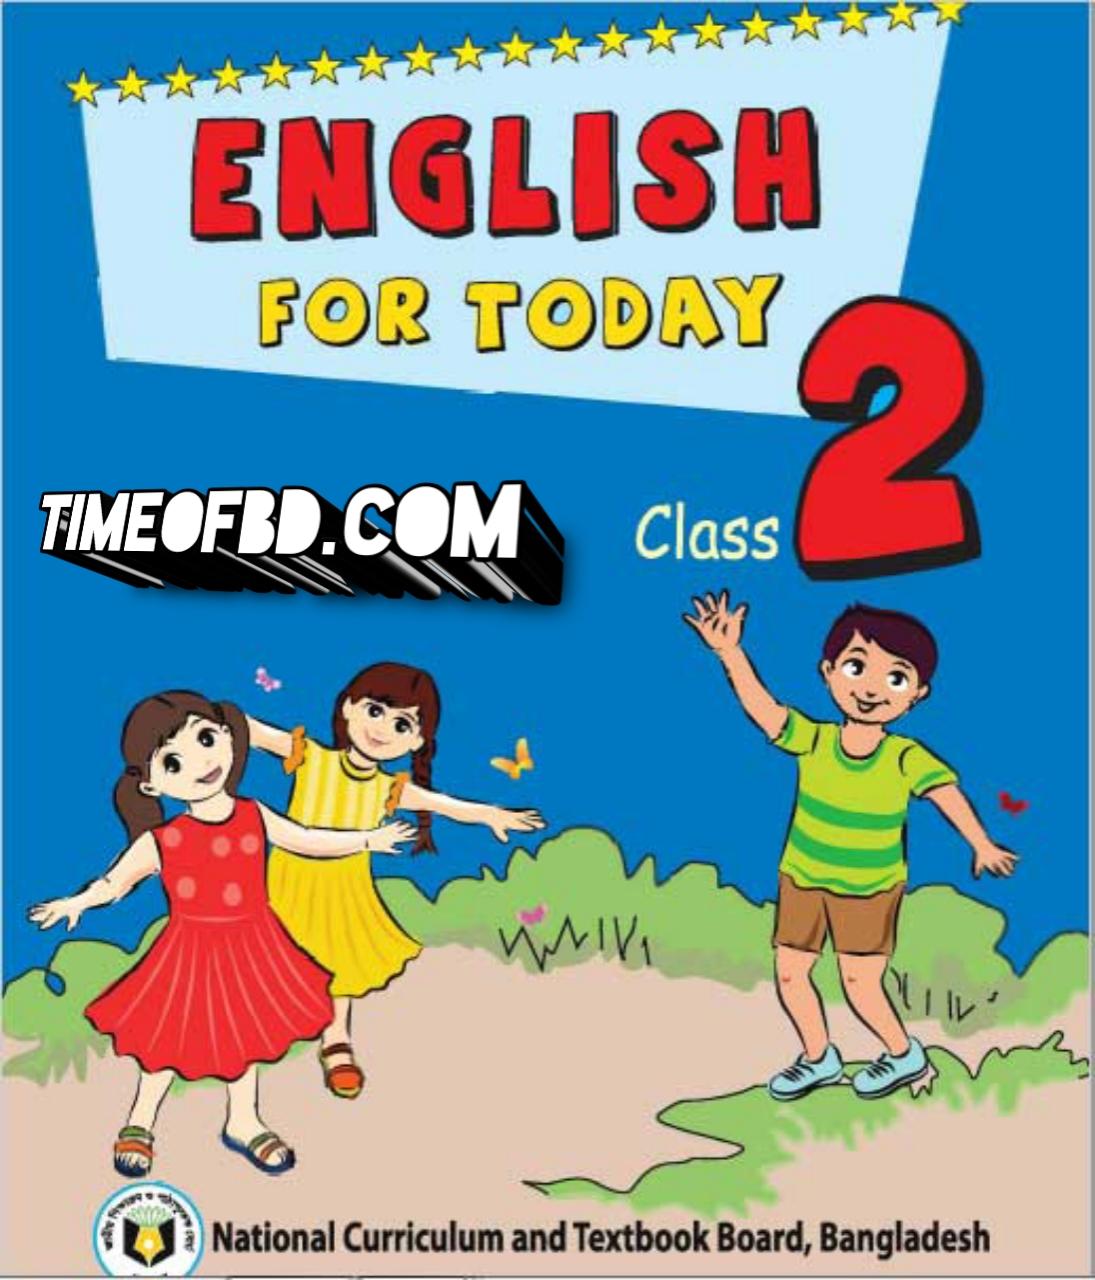 Class 2 english book 2021, class 2 english book pdf, class 2 english question, class 2 english boi, class two english book 2021, class two english book pdf, class two english book nctb, class two english guide 2021, class two english guide pdf, class two english note book 2021, class 2 english book pdf in Bengali, nctb book of class two, class 2 english book solution, class 2 guide book pdf, class 2 guide book pdf 2021, ইংরেজি বই class 2, ইংরেজি বই pdf, আমার ইংরেজি বই দ্বিতীয় শ্রেণি, দ্বিতীয় শ্রেণীর ইংরেজি বই ডাউনলোড, ইংরেজি বই দ্বিতীয় শ্রেণি, দ্বিতীয় শ্রেণির ইংরেজি বই ২০২১, দ্বিতীয় শ্রেণীর ইংরেজি বই পিডিএফ, দ্বিতীয় শ্রেণির ইংরেজি বই pdf 2021, দ্বিতীয় শ্রেণীর ইংরেজি গাইড, দ্বিতীয় শ্রেণীর ইংরেজি গাইড পিডিএফ, দ্বিতীয় শ্রেণীর ইংরেজি গাইড pdf 2021, ২য় শ্রেণীর ইংরেজি বই গাইড, দ্বিতীয় শ্রেণীর ইংরেজি গাইড ডাউনলোড, আমার ইংরেজি বই দ্বিতীয় শ্রেণি, একের ভিতর সব দ্বিতীয় শ্রেণি, দ্বিতীয় শ্রেণীর গাইড বই ডাউনলোড pdf, দ্বিতীয় শ্রেণীর ইংরেজি বই প্রশ্ন, ২য় শ্রেণির ইংরেজি বই ২০২১, ২য় শ্রেণির ইংরেজি কবিতা,